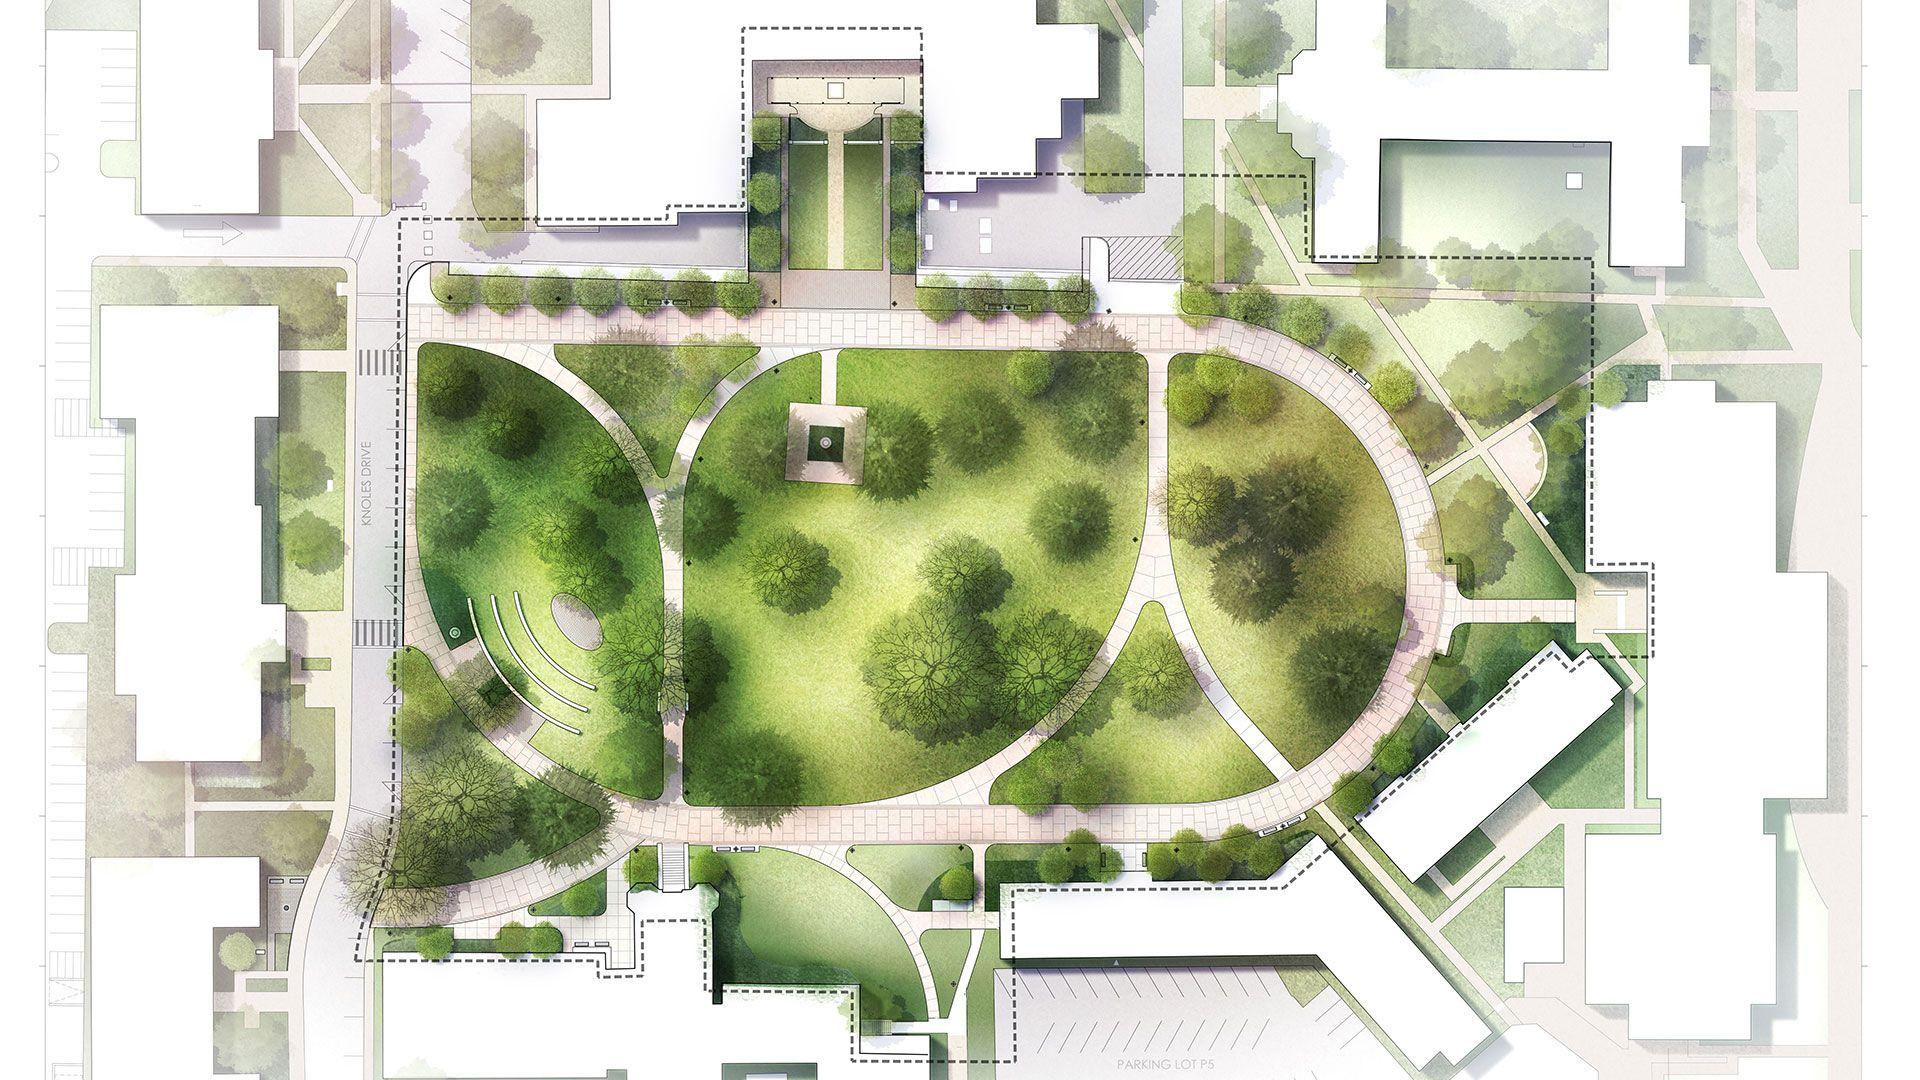 landscape architecture plan rendering